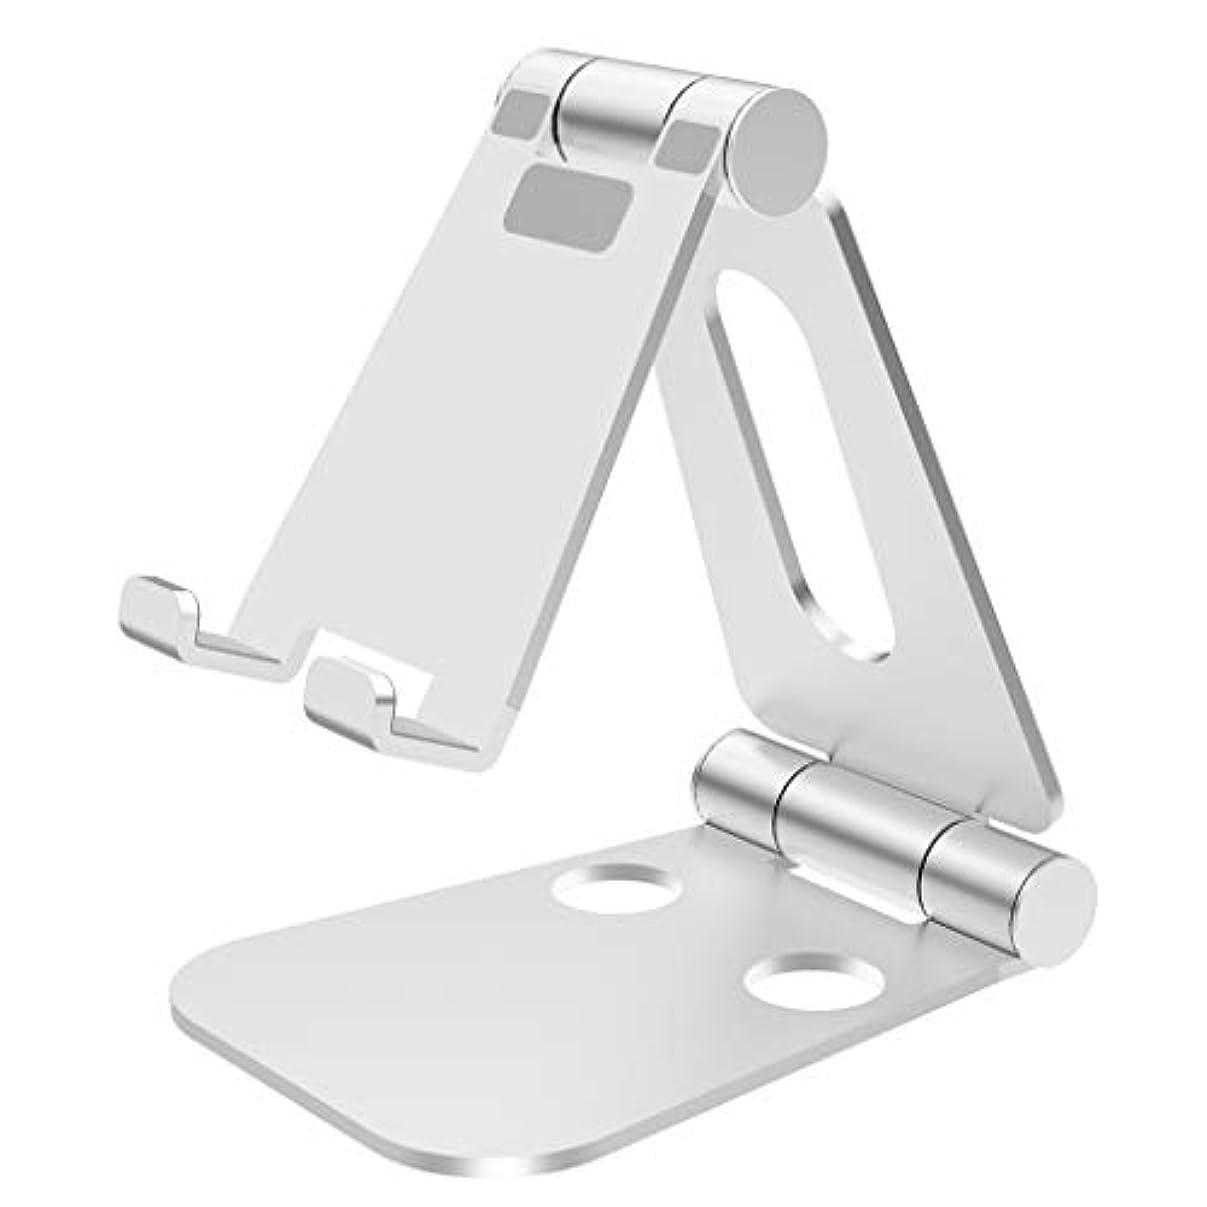 水陸両用水陸両用シエスタ他のスマートフォン用の携帯電話ホルダー、ダブル折りたたみメタルフラットブラケット、アルミレイジーデスクトップブラケット (Color : Silver)